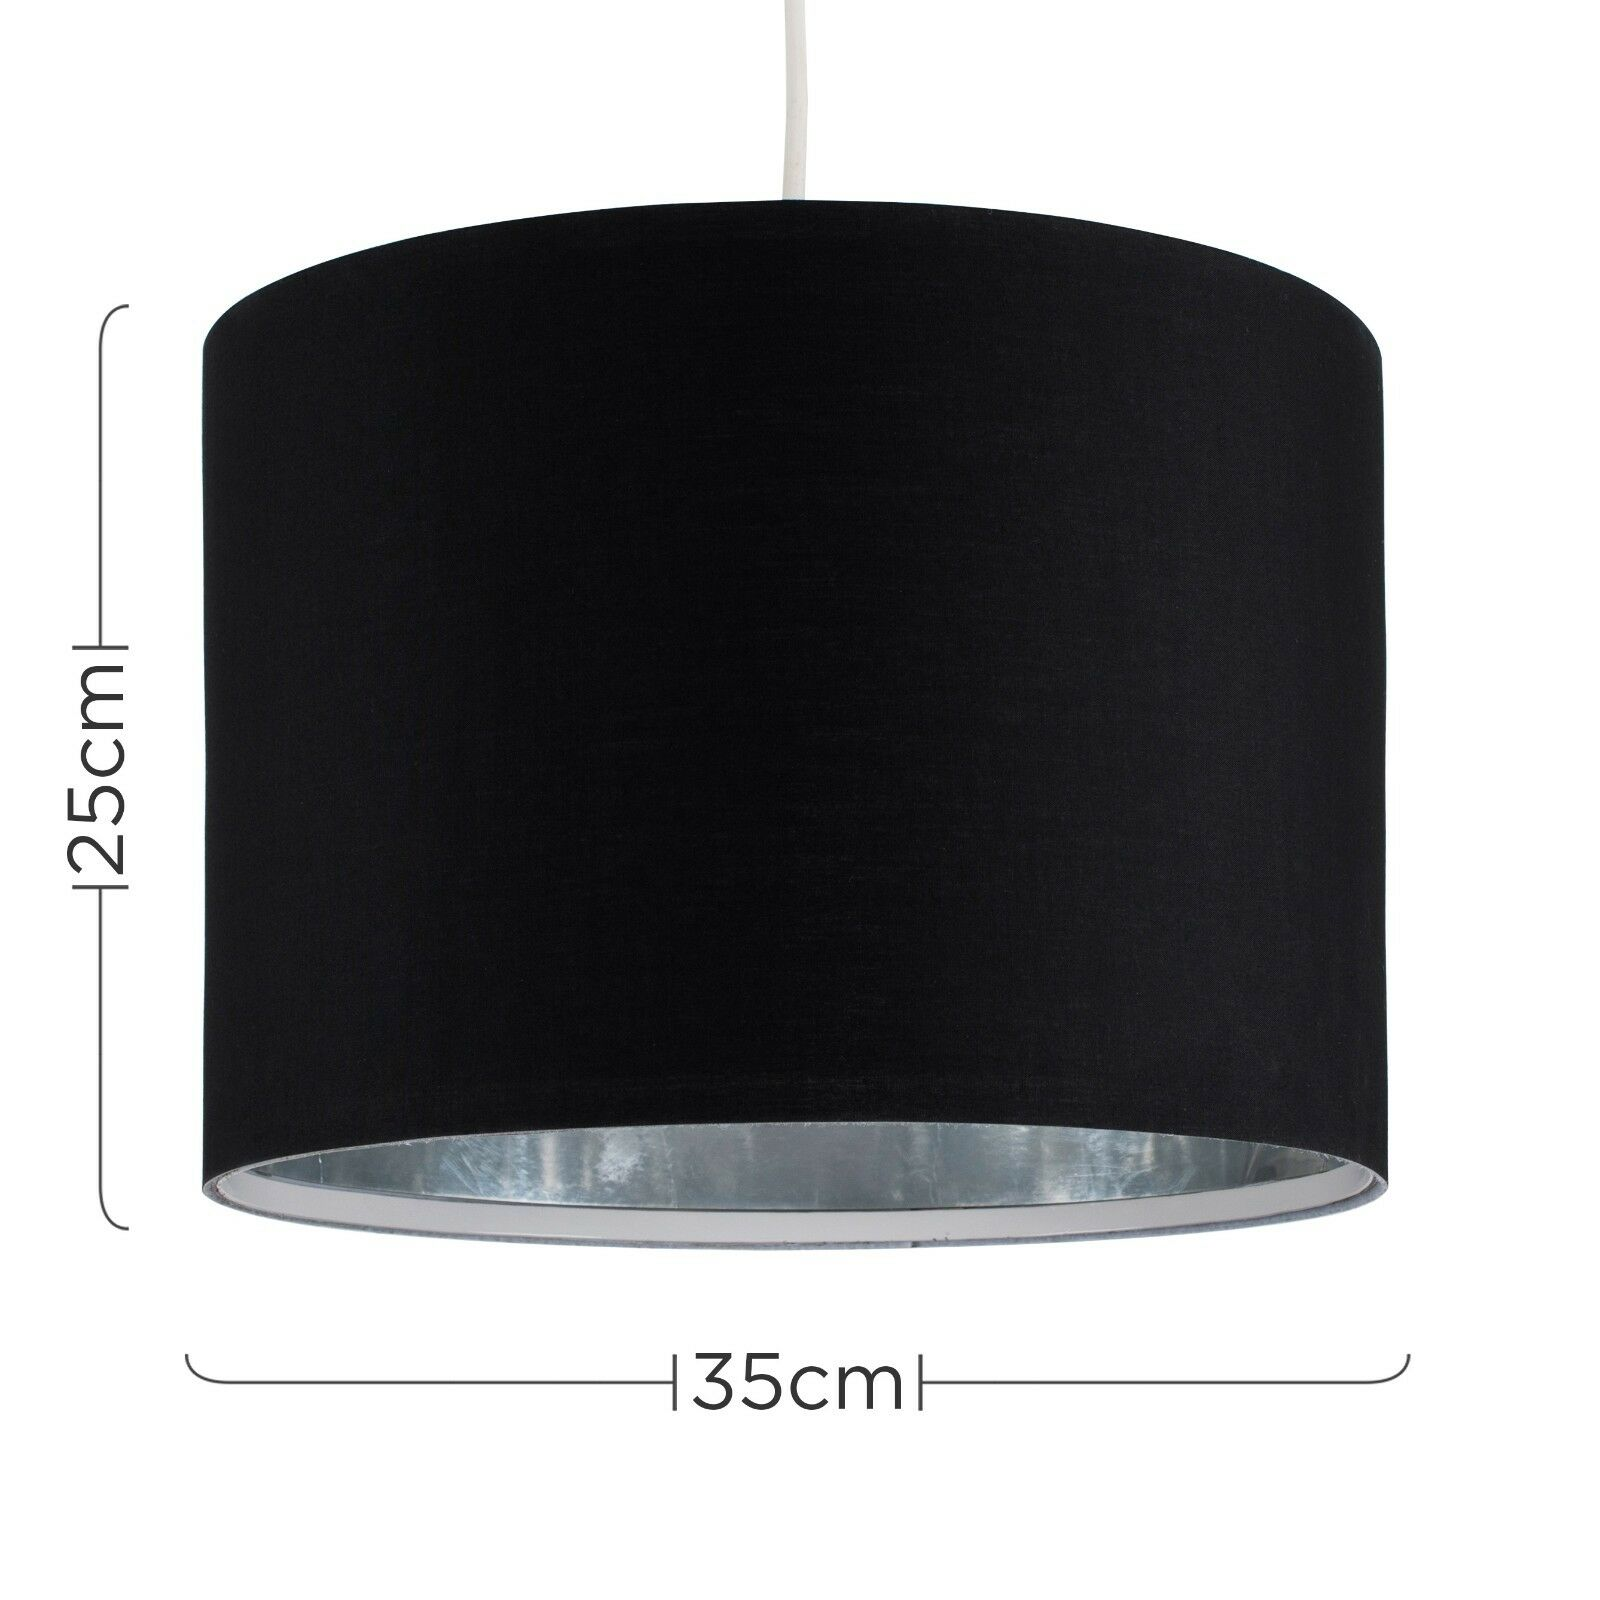 Modern-in-tessuto-cotone-Easy-Fit-Soffitto-Ciondolo-Luce-a-tamburo-Tonalita-Tavolo-Paralume miniatura 26